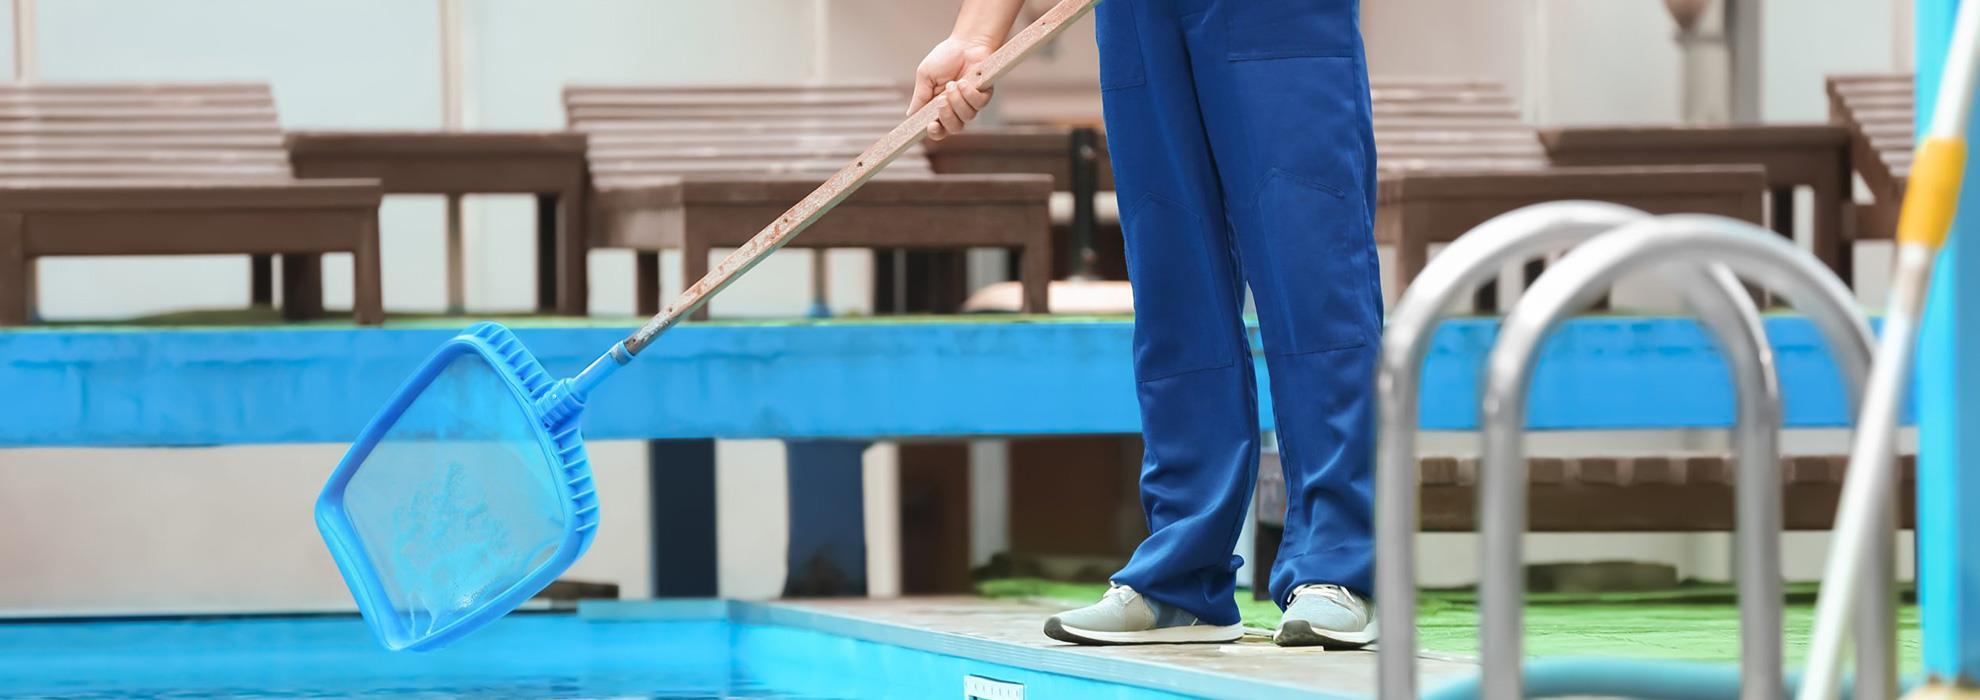 توفير خدمات نظافة وصيانة دورية شاملة في حوض السباحة لديكم لكي تنعموا بقضاء وقت ممتع في السباحة والحصول على المزايا الصحية المرجوة